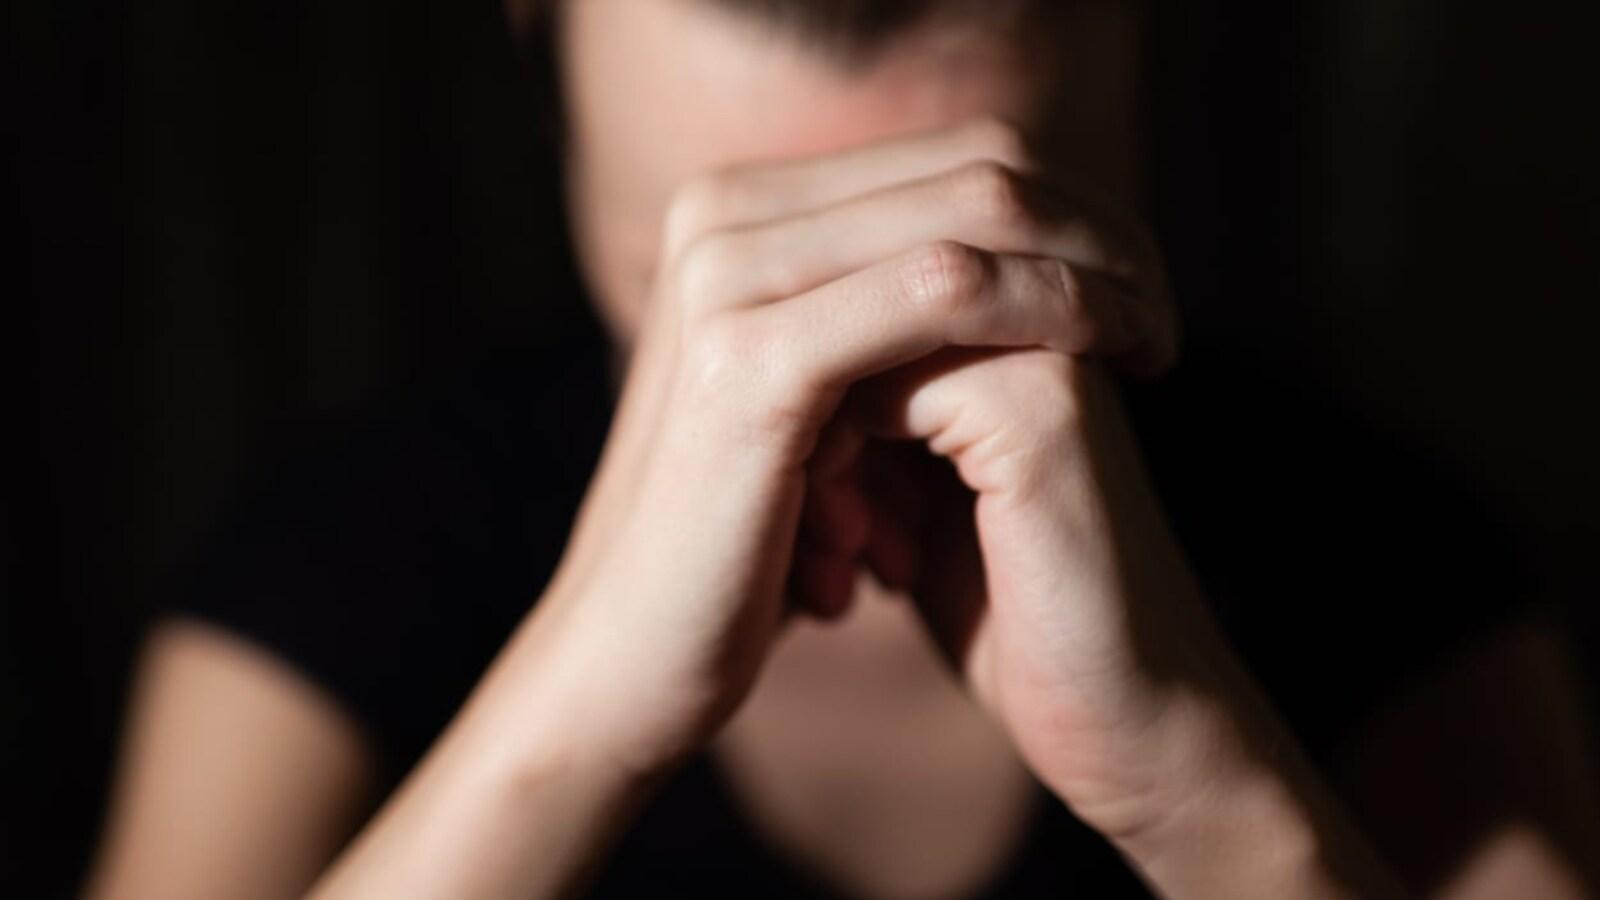 Une femme a le visage caché par ses mains croisées.